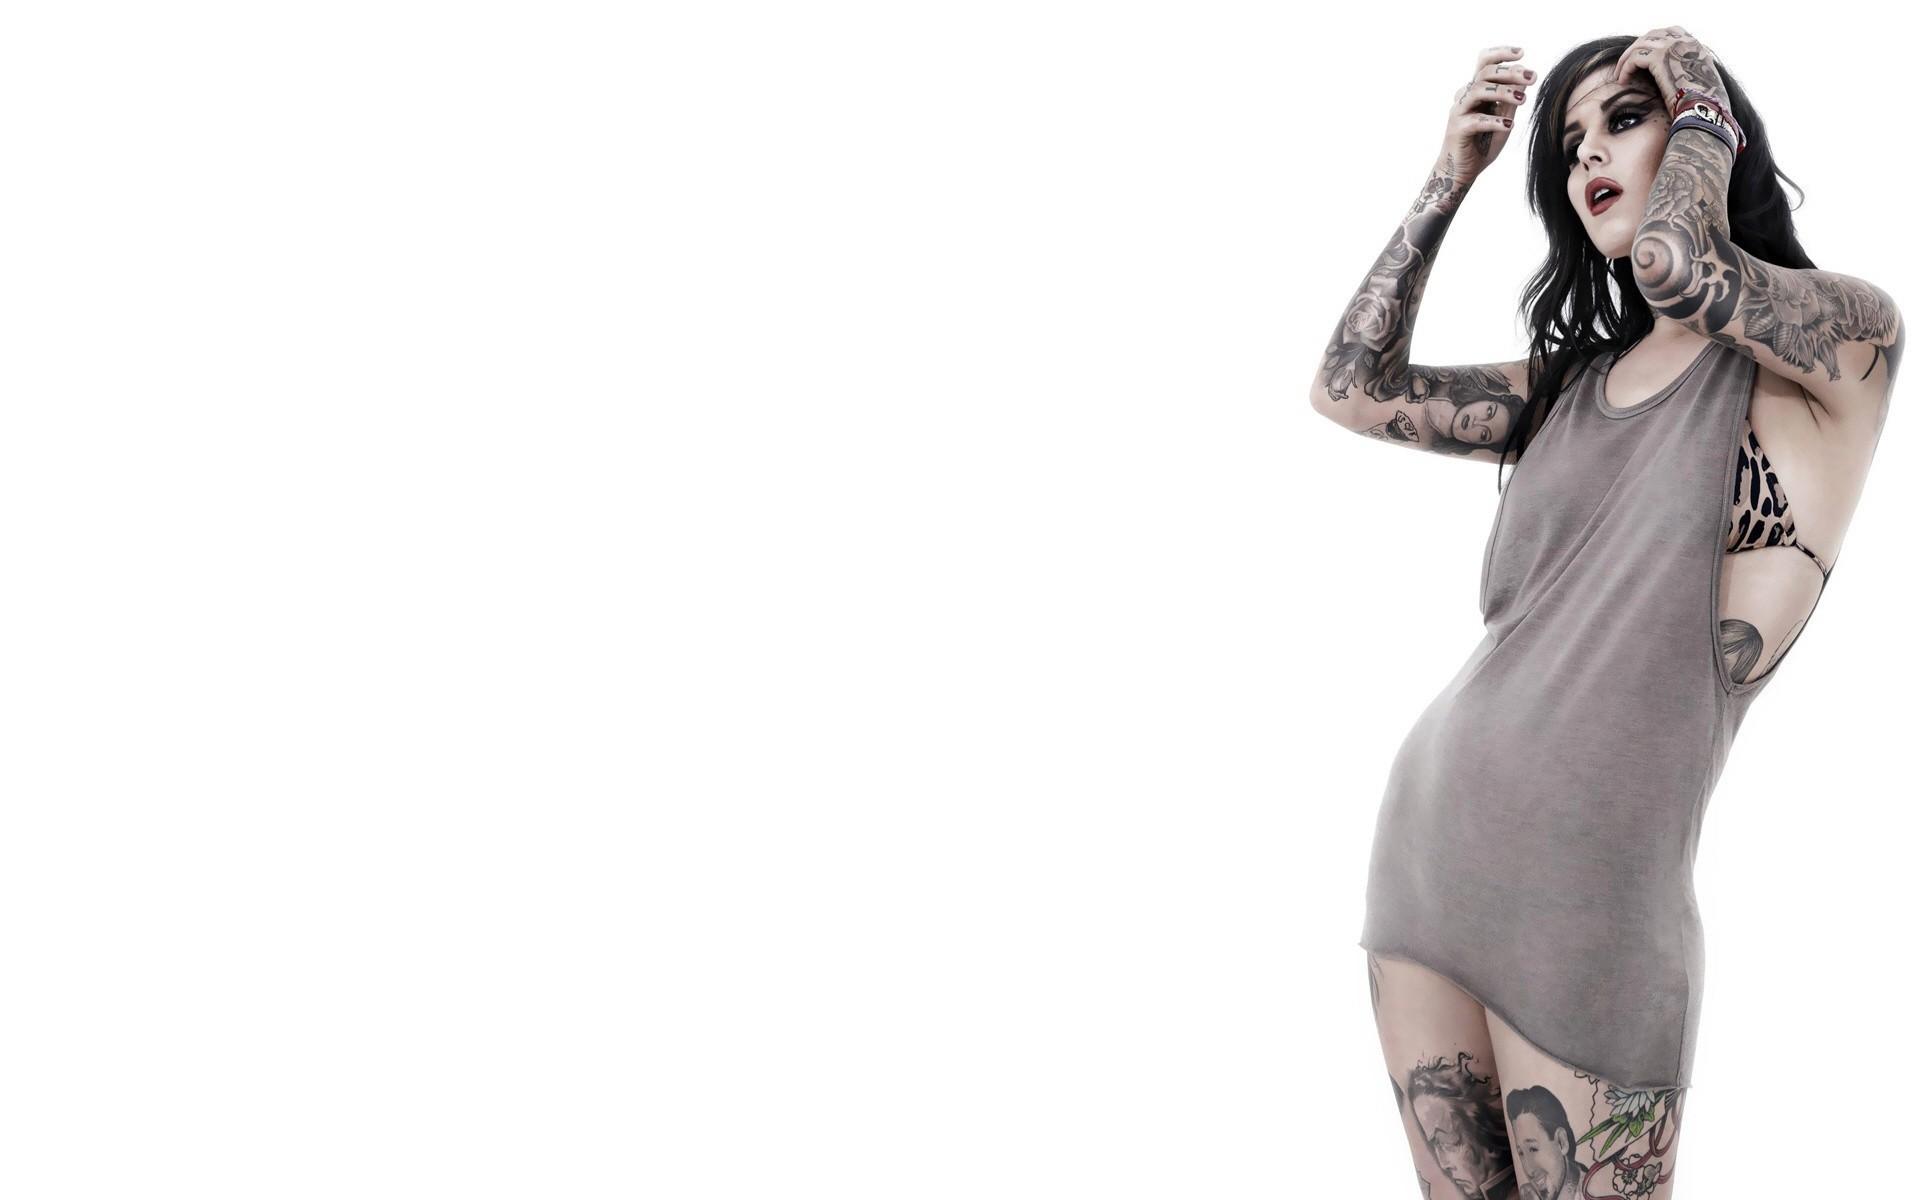 Tattoo Girl Von - Model with tattoo kat von d